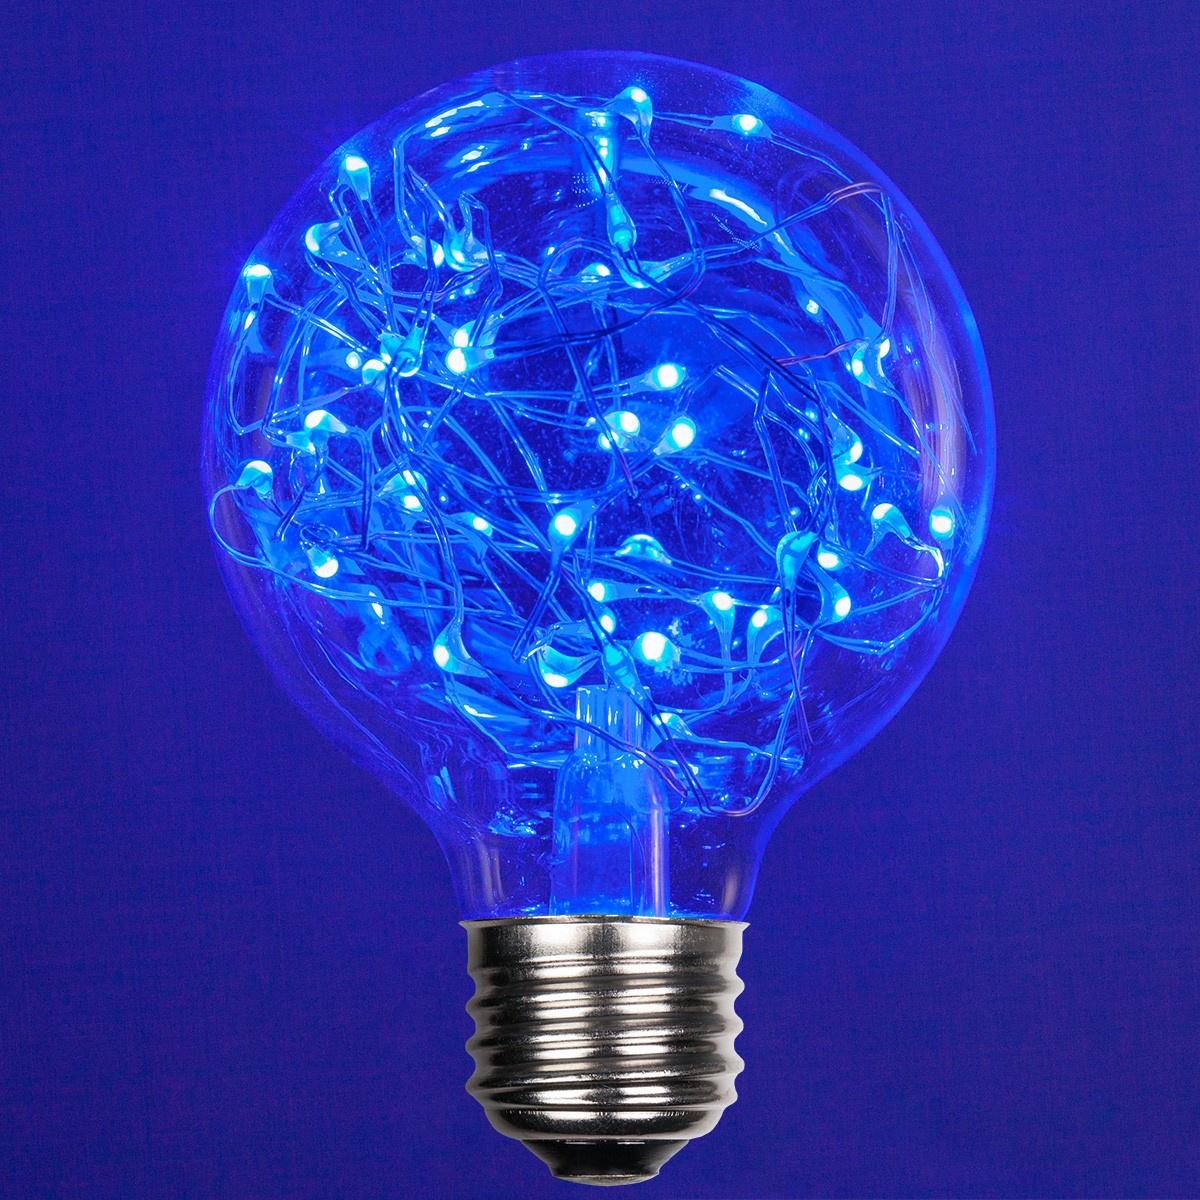 Led Bulbd: G80 Blue LEDimagine TM Fairy Light Bulb